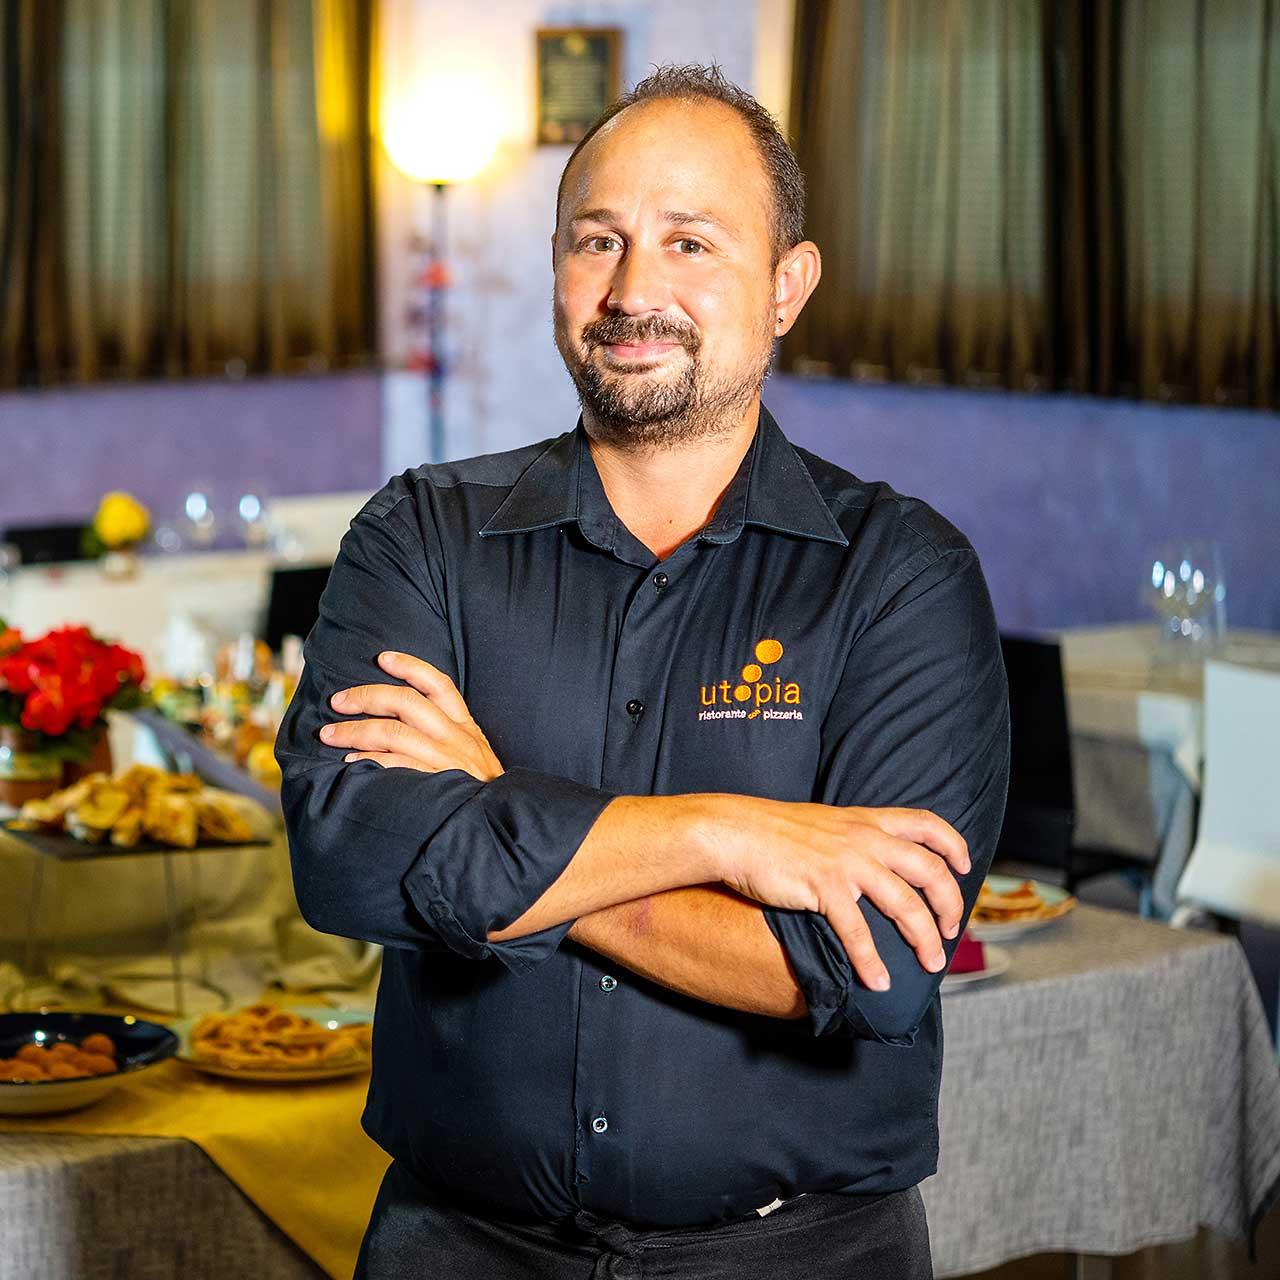 ristorante-utopia-pesce-pizzeria-padova-andrea-grassi-executive-chef